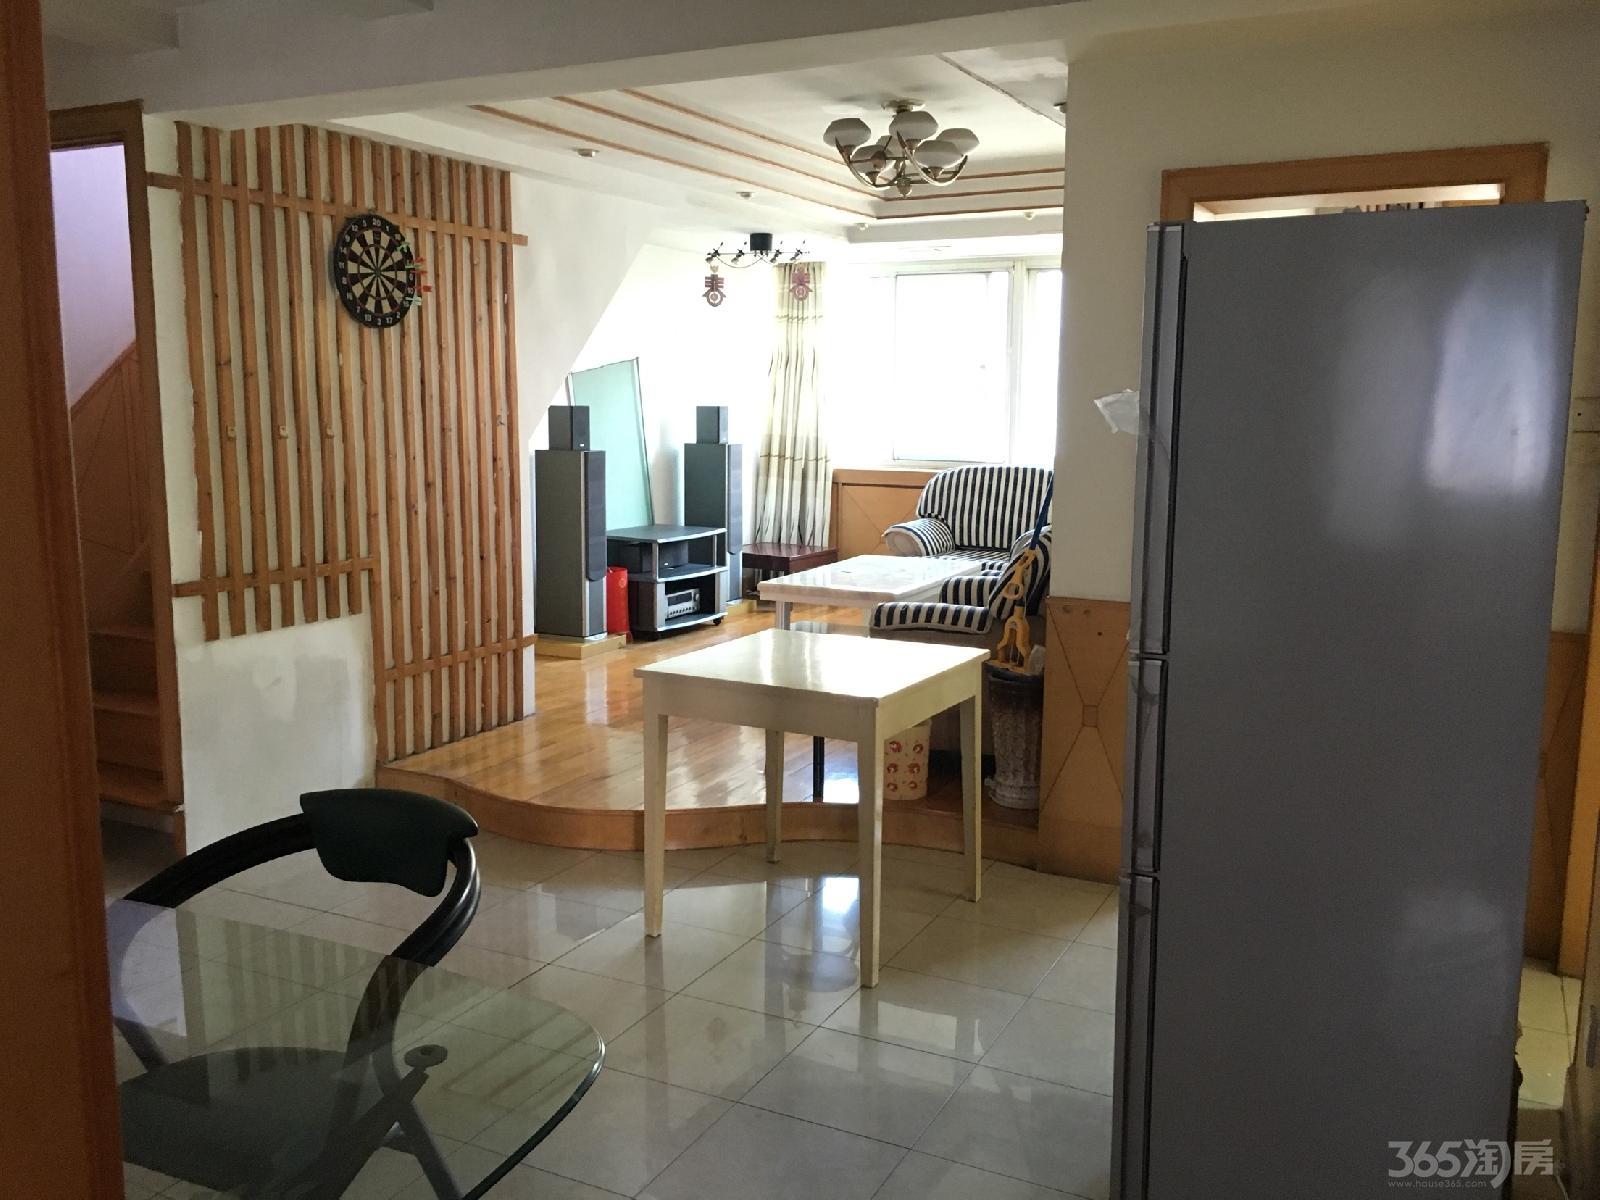 丽光小区4室2厅2卫120平米整租精装